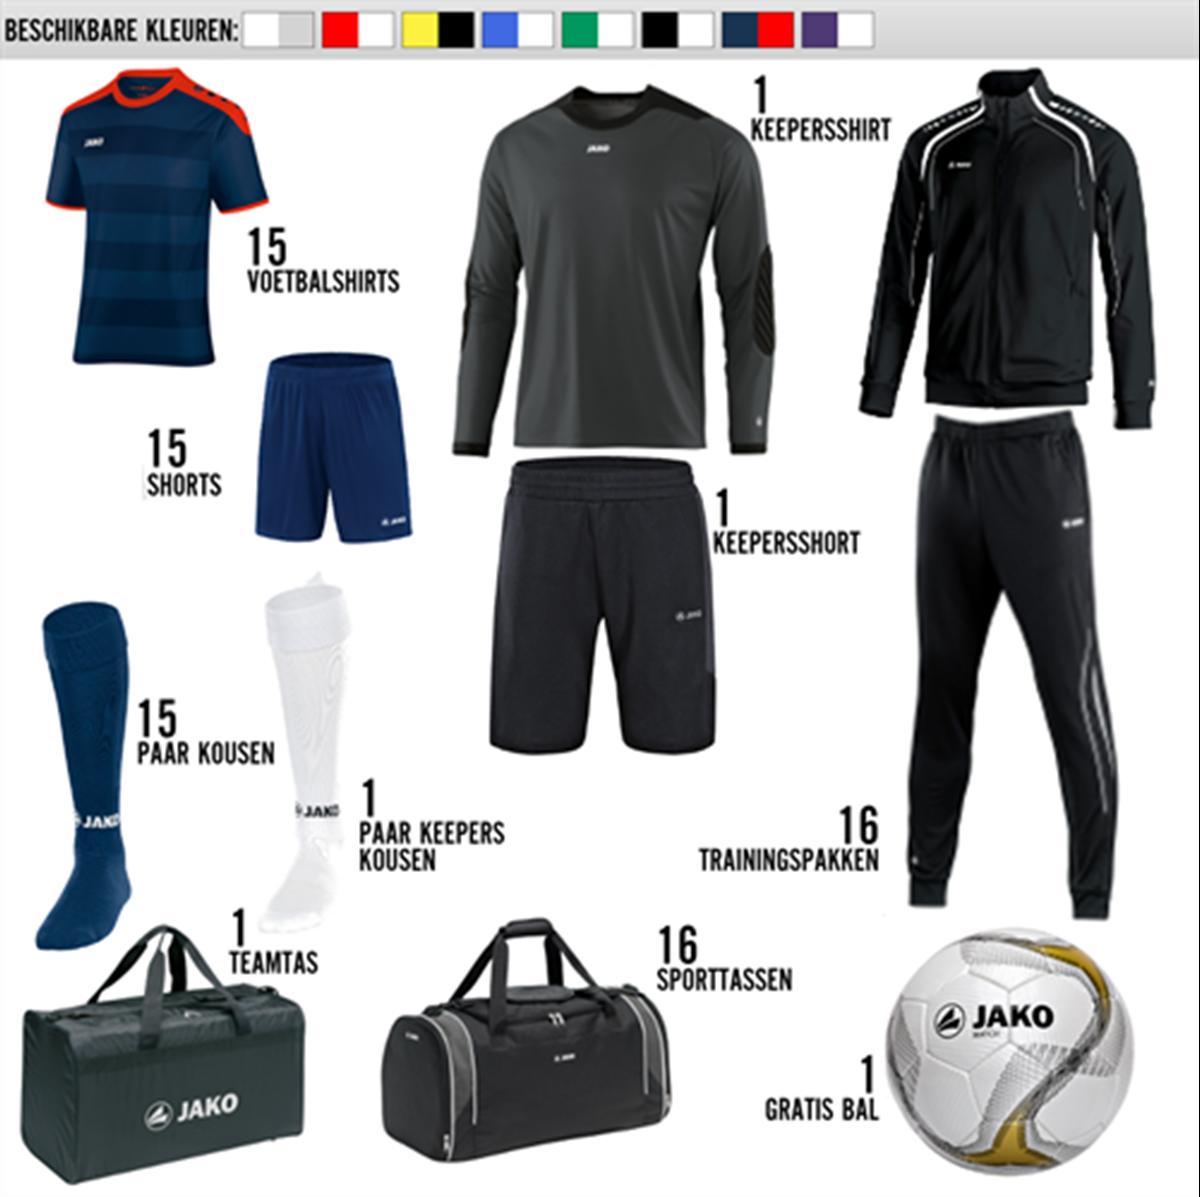 voetbalkleding online besteld